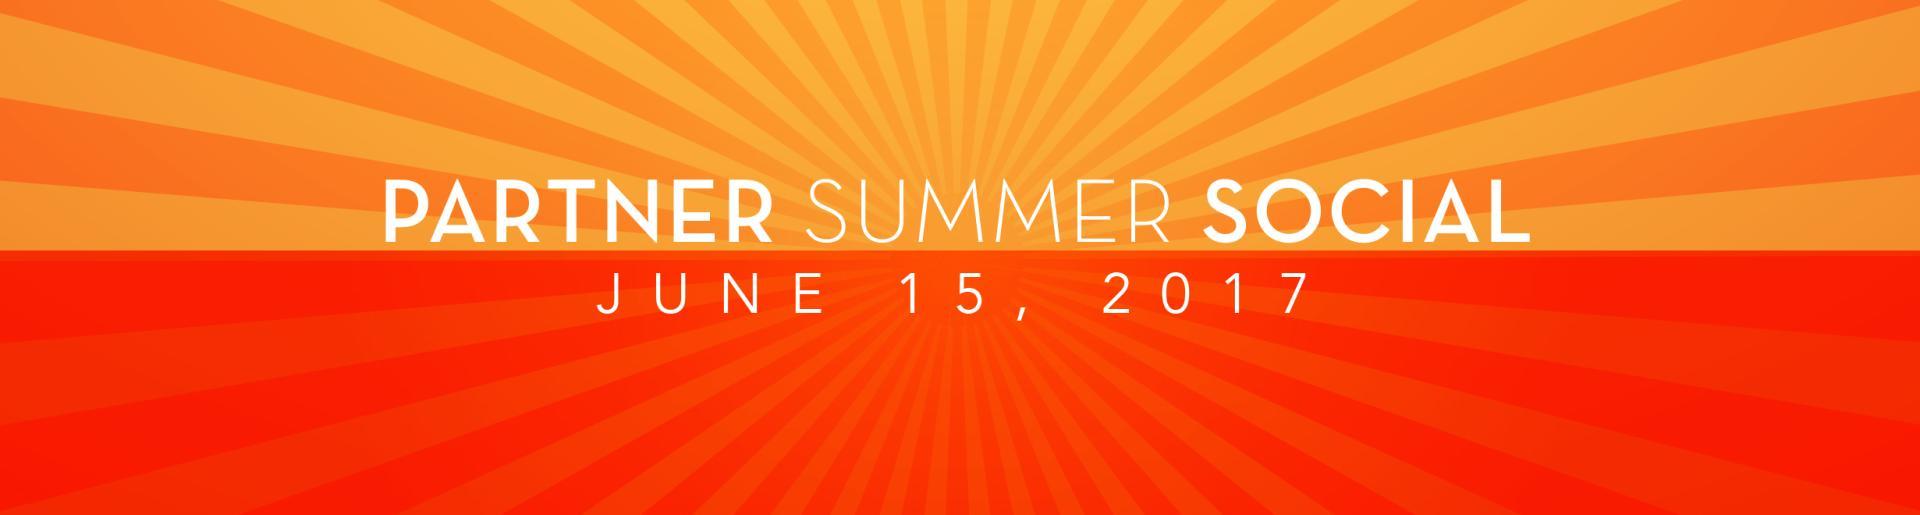 Partner Summer Social